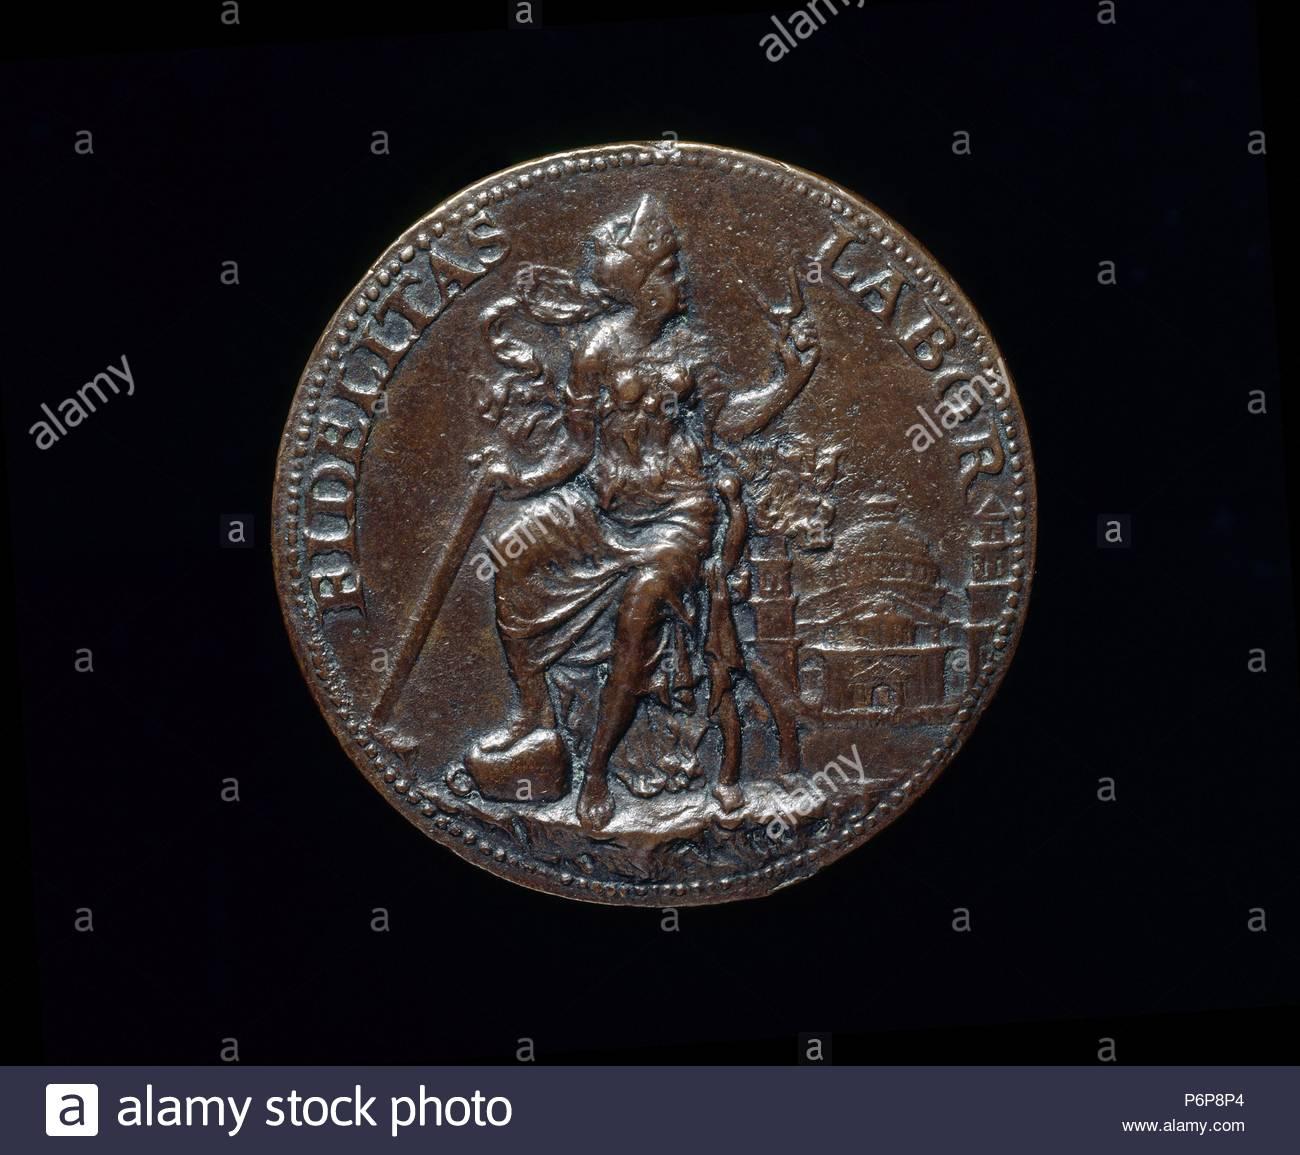 C 1526 Stockfotos & C 1526 Bilder - Alamy